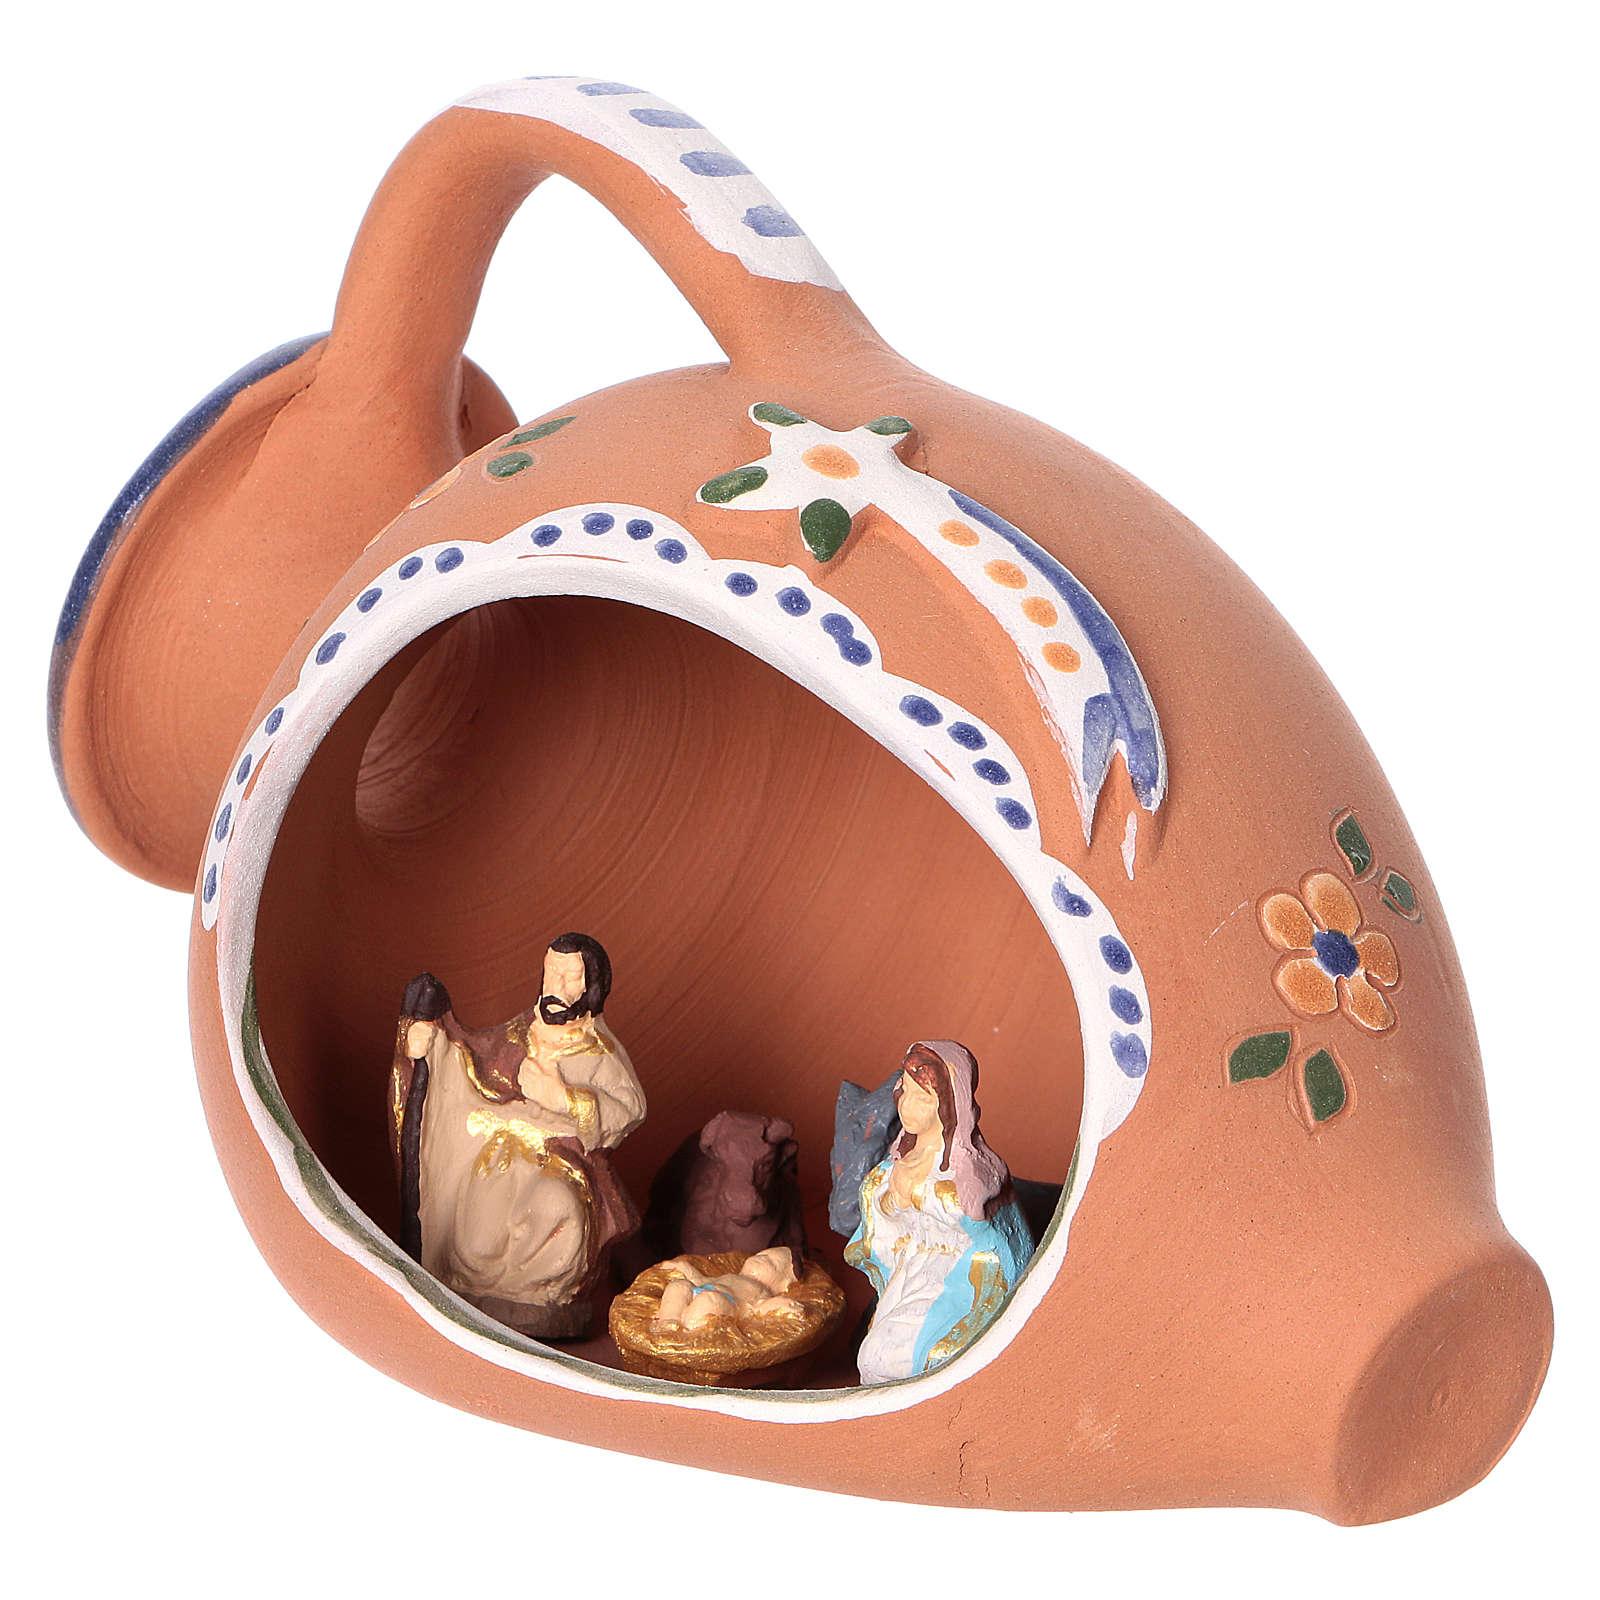 Nativity scene 4 cm inside amphora in Deruta ceramic decorated in blue 10x15x10 cm 4